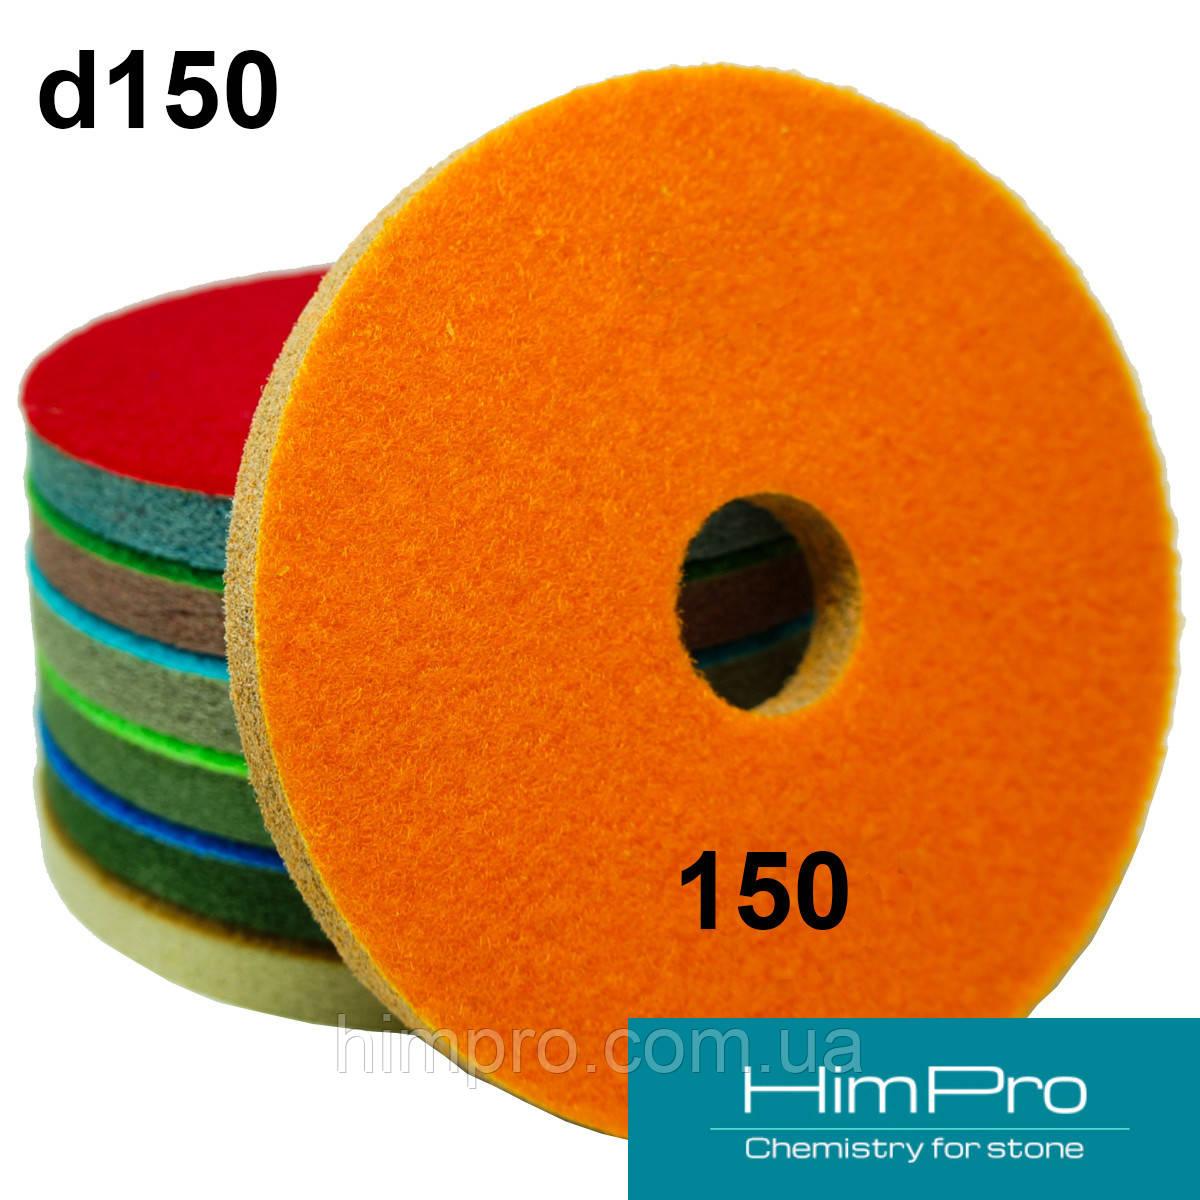 Алмазные спонжи d150 C150